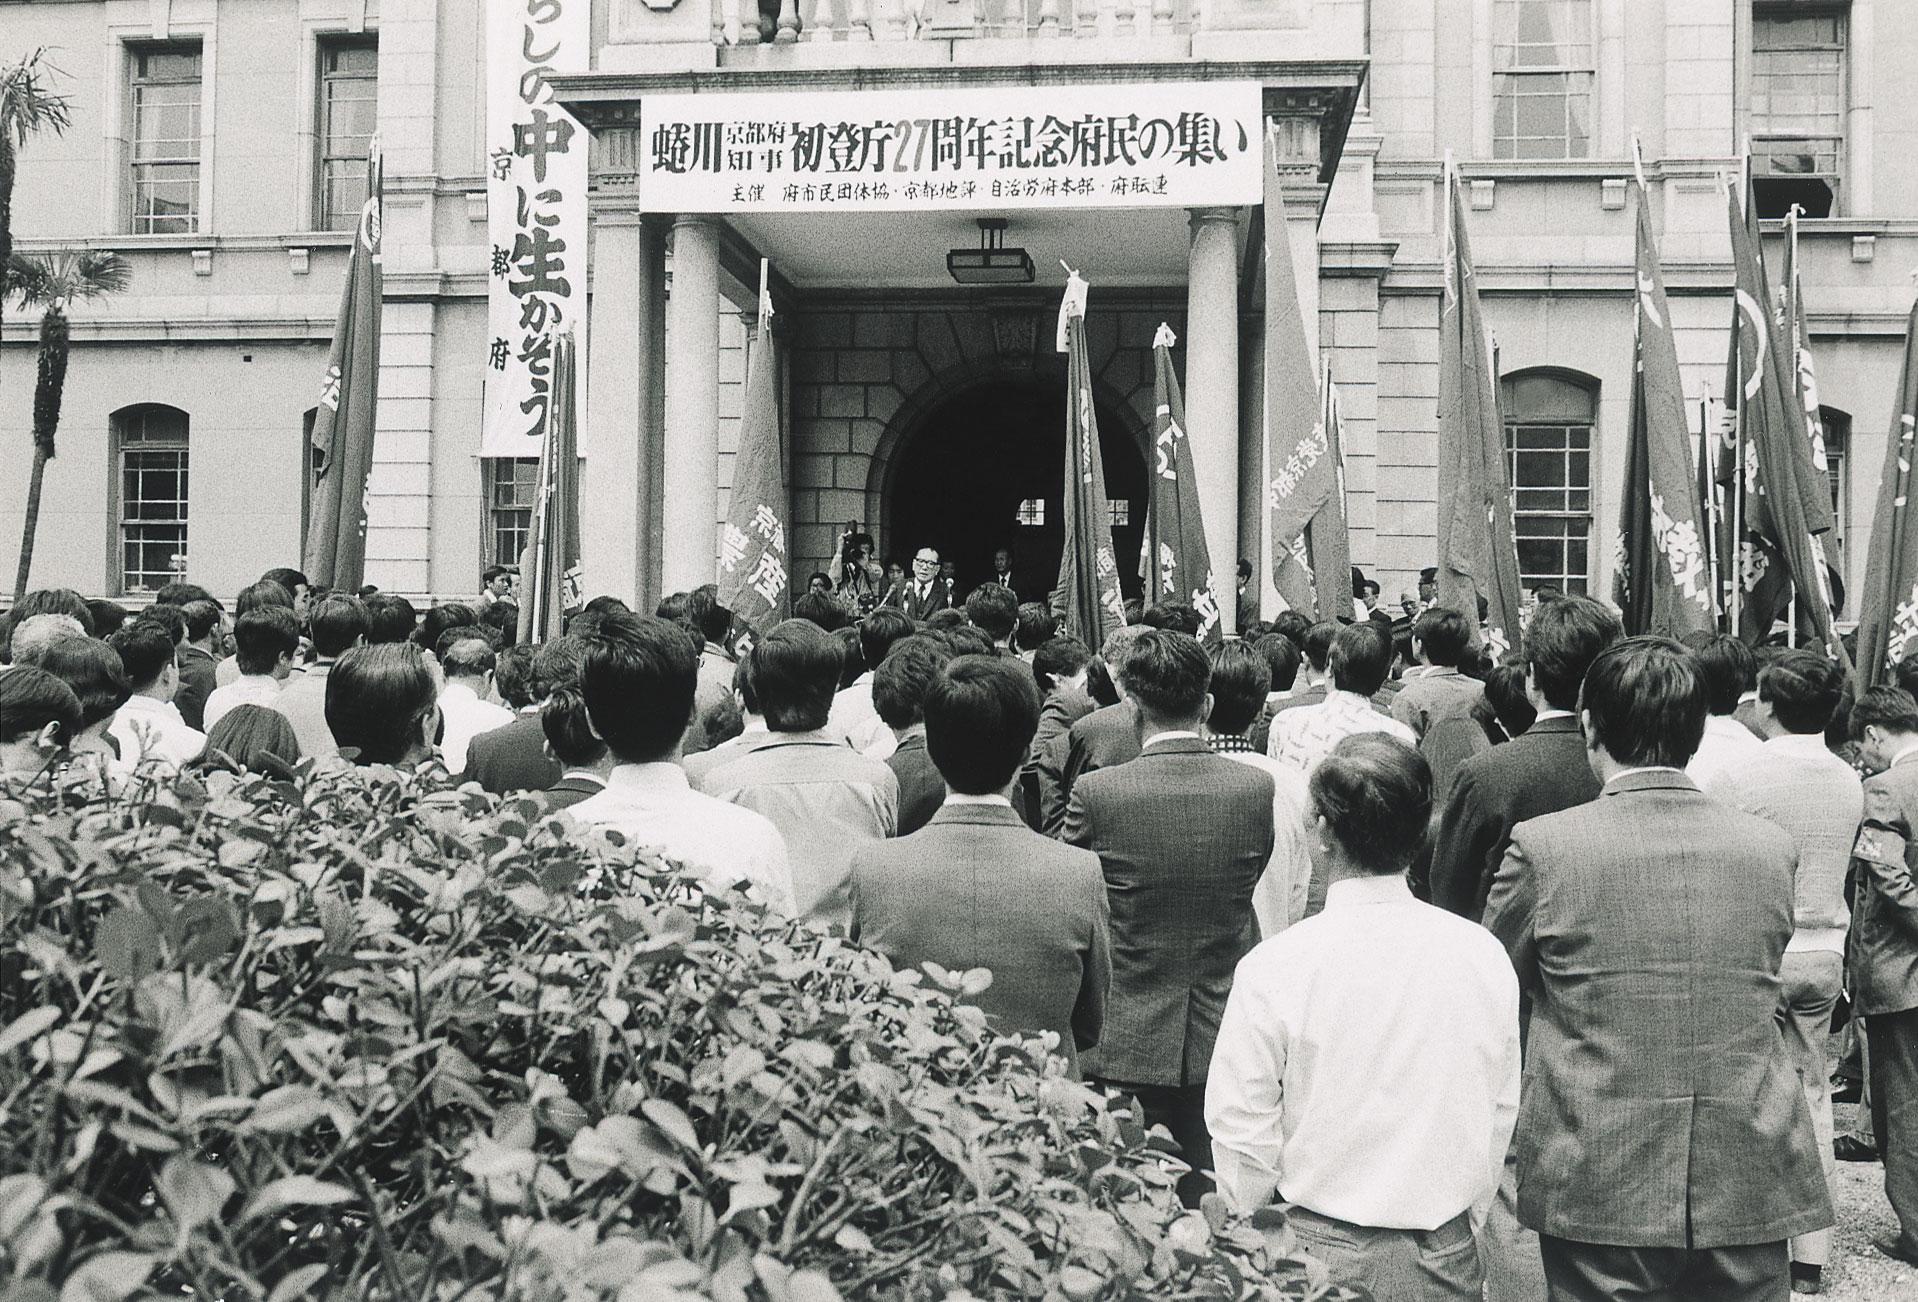 蜷川知事初登庁27周年記念府民の集い